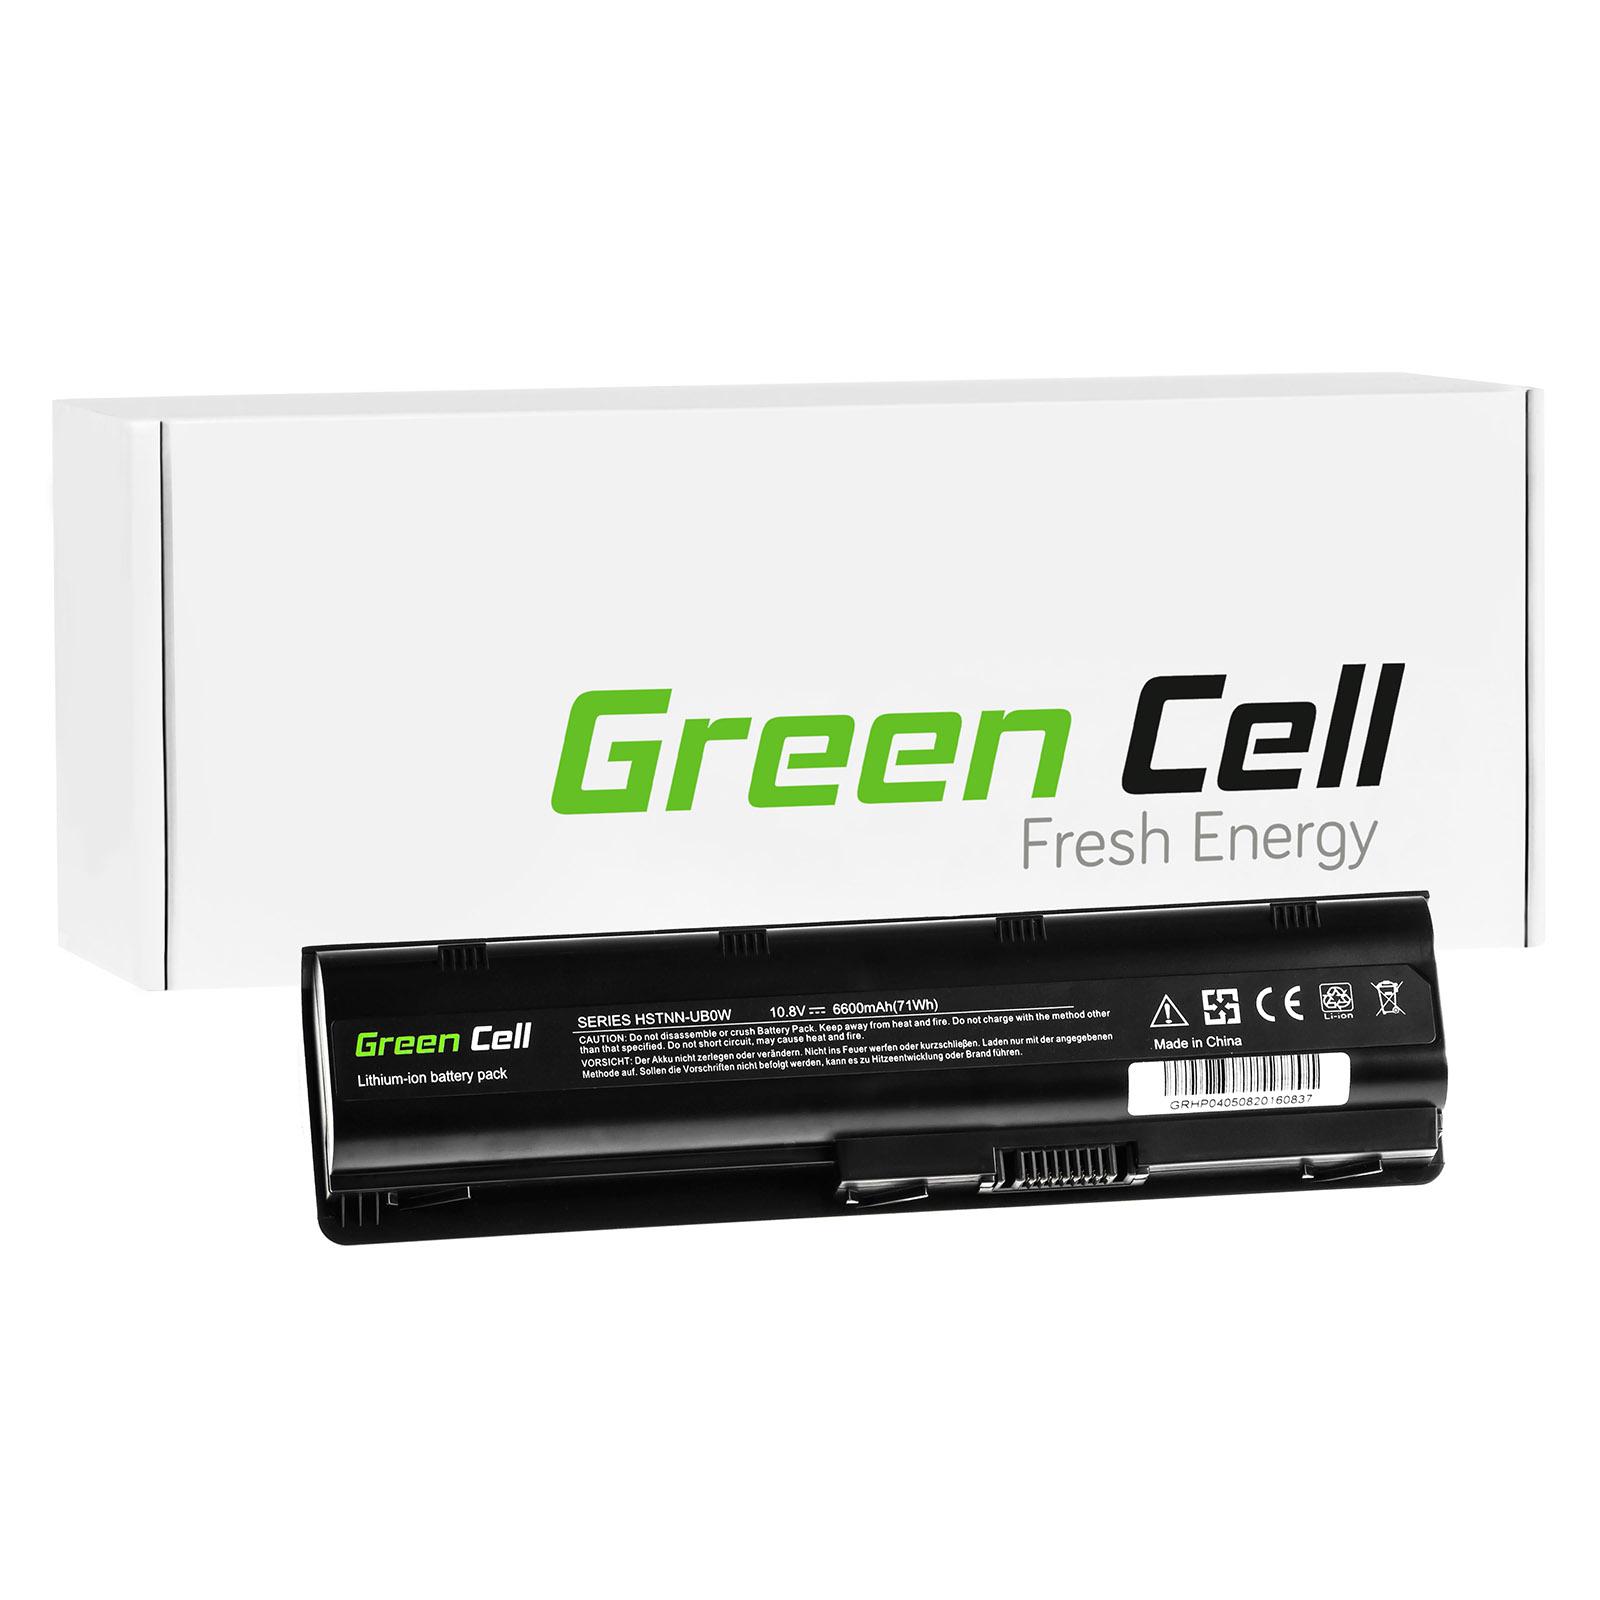 Batterie pour hp pavilion g7 2088eg g7 2300 ordinateur - Batterie ordinateur portable hp pavilion g7 ...